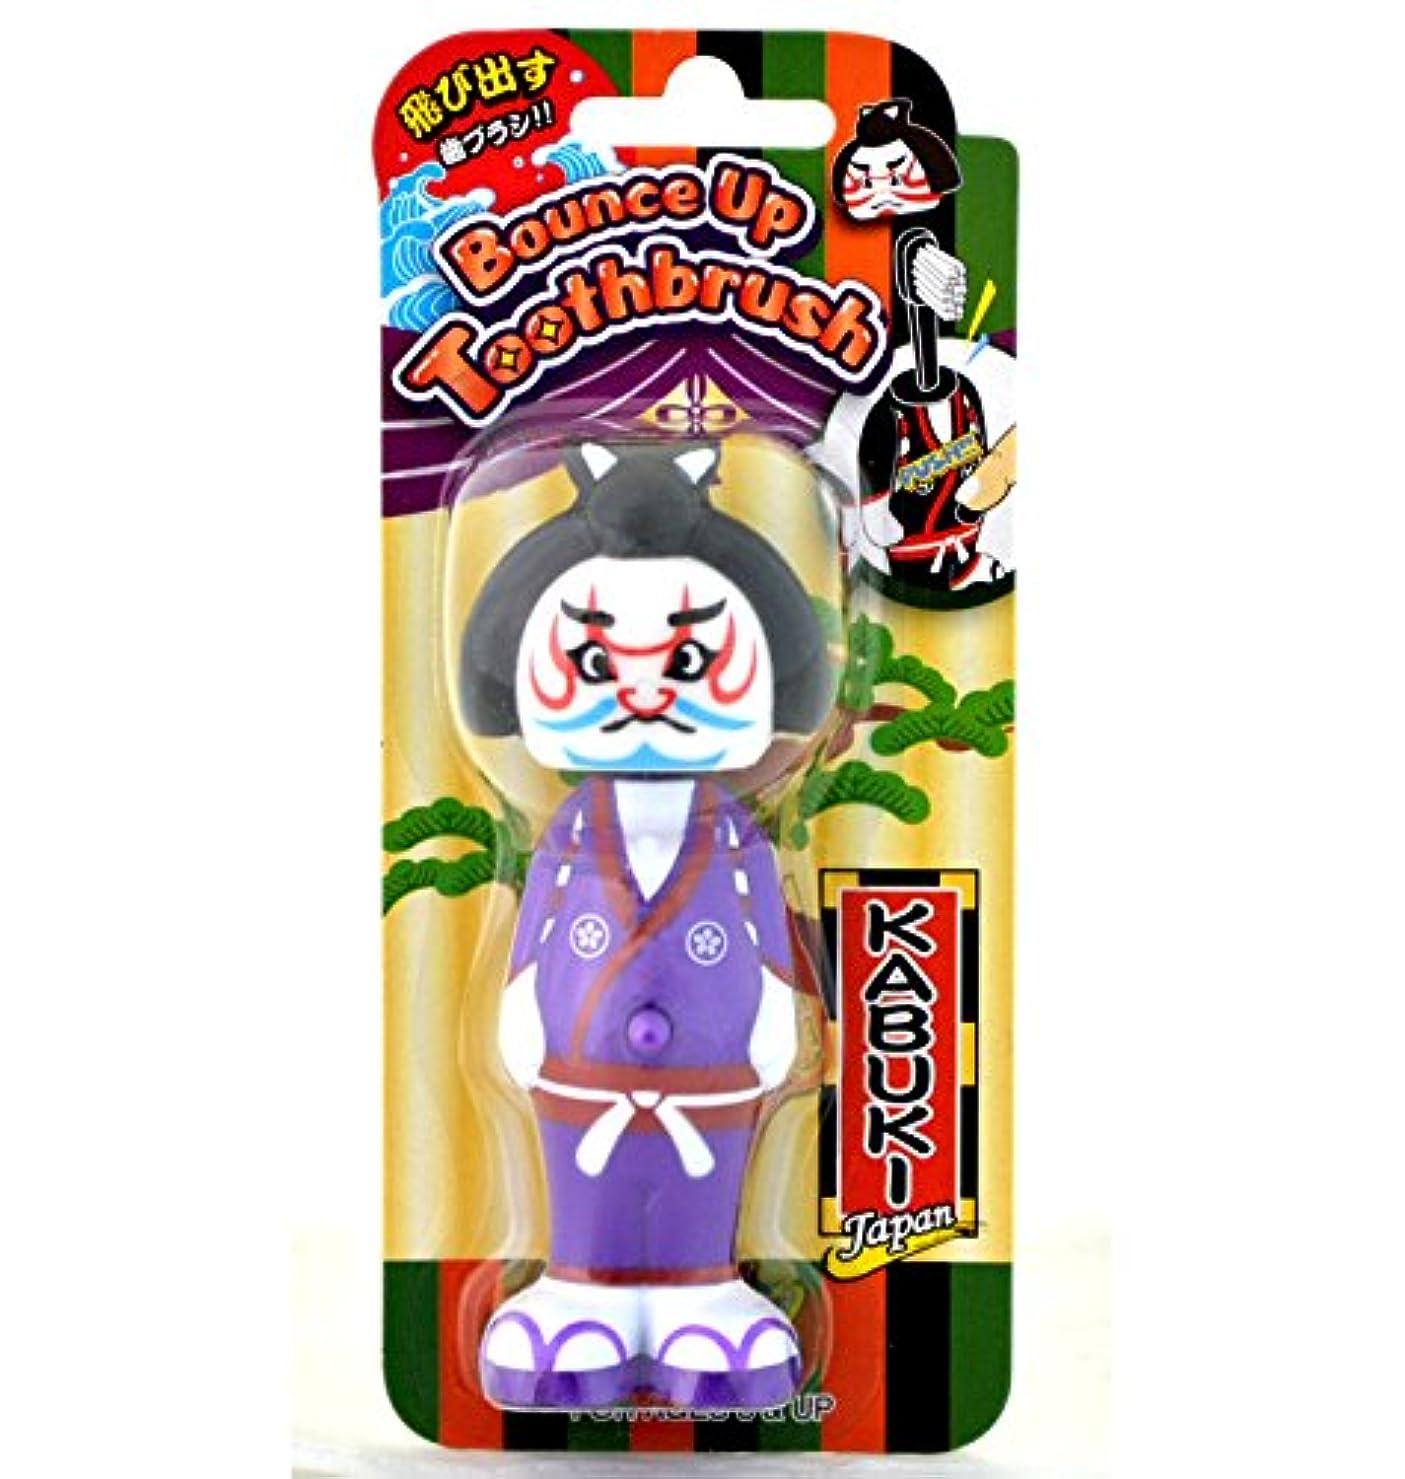 仕方文芸プーノバウンスアップ歯ブラシ 歌舞伎 パープル